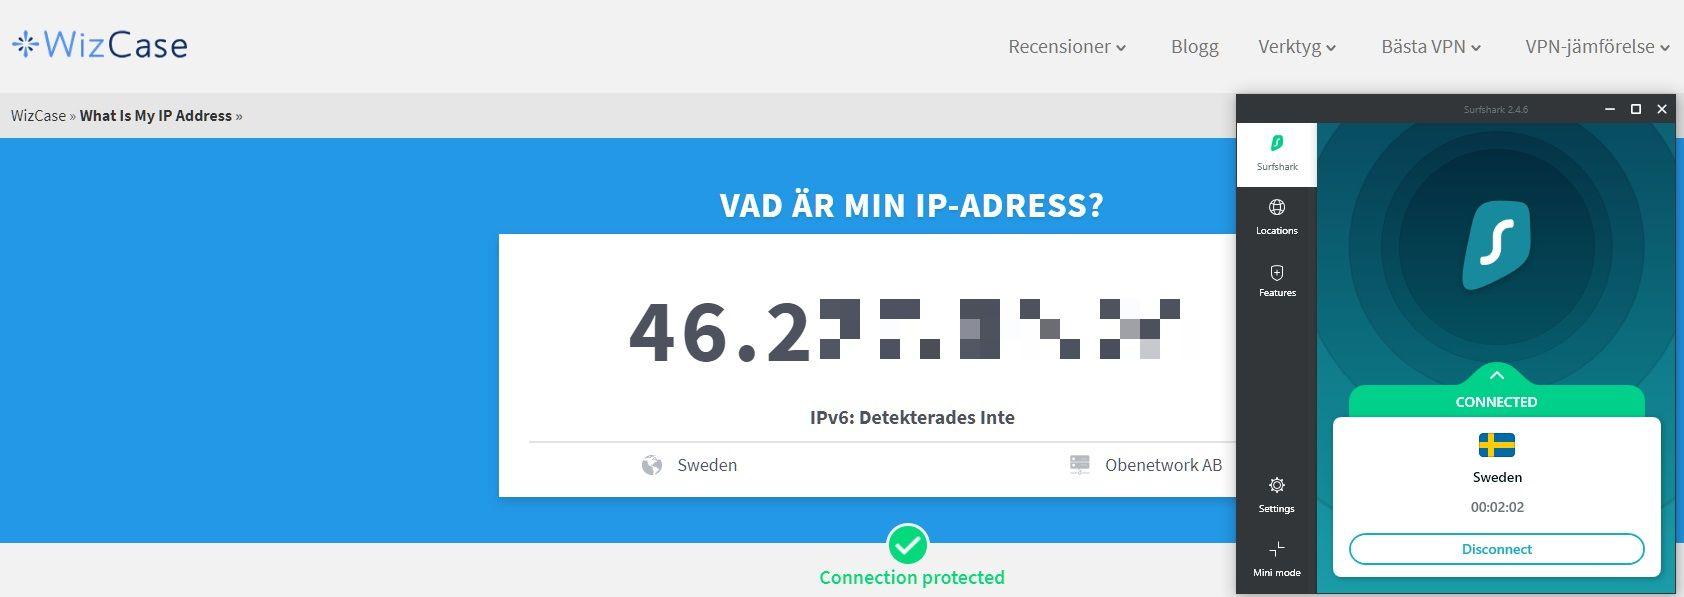 Wizcase-verktyg: Vad är min IP?